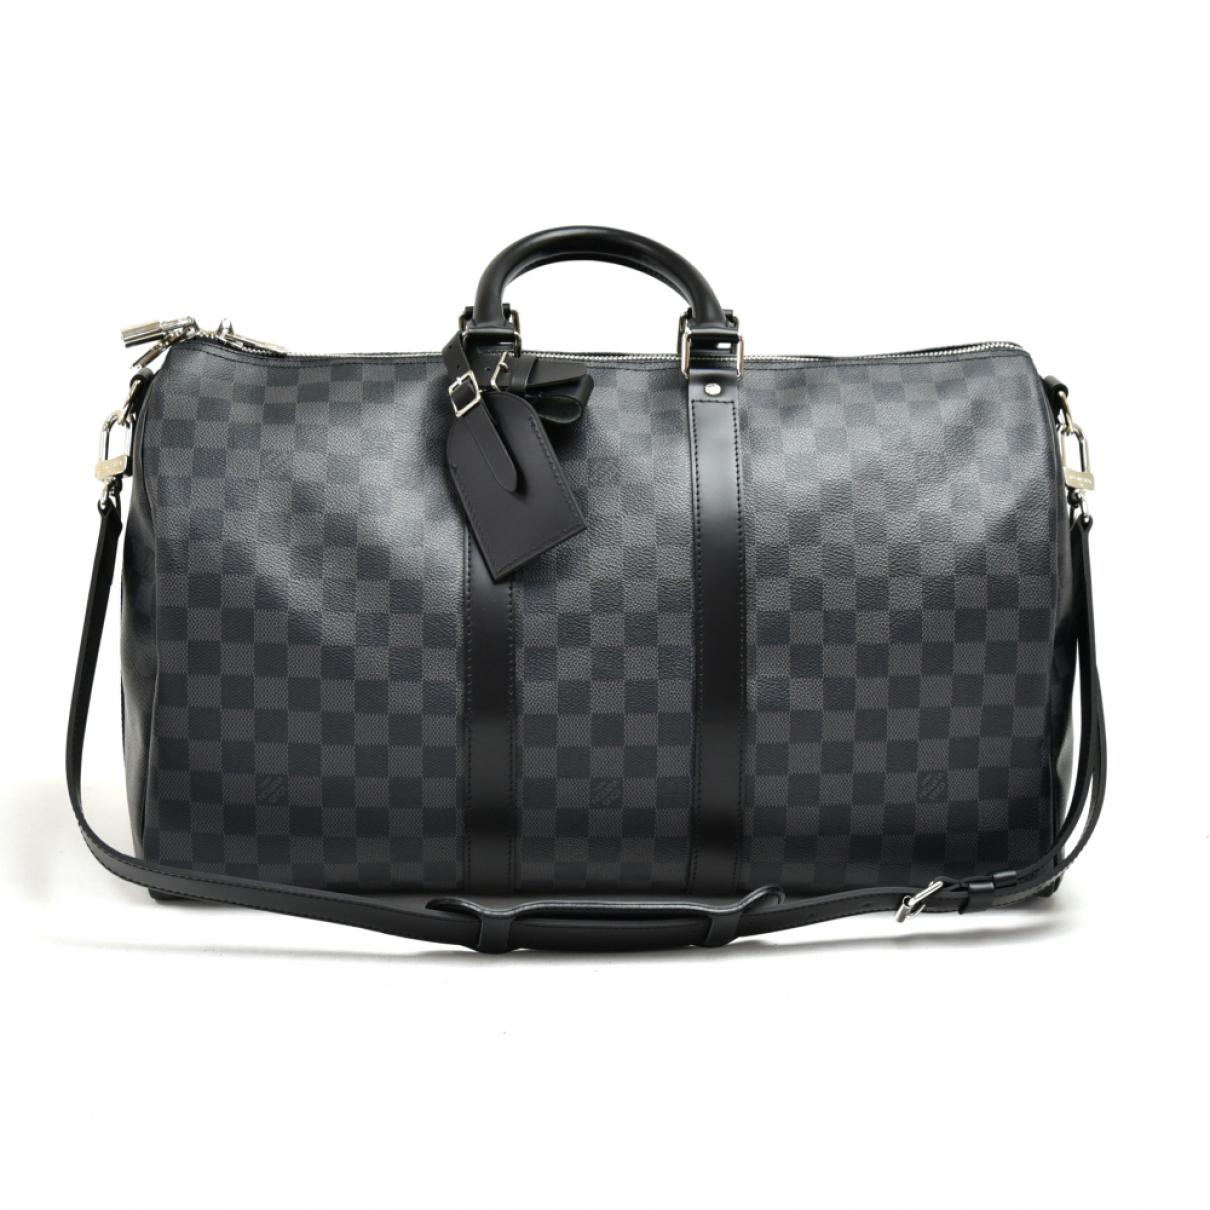 Louis Vuitton - Sac de voyage Keepall pour femme en toile - noir